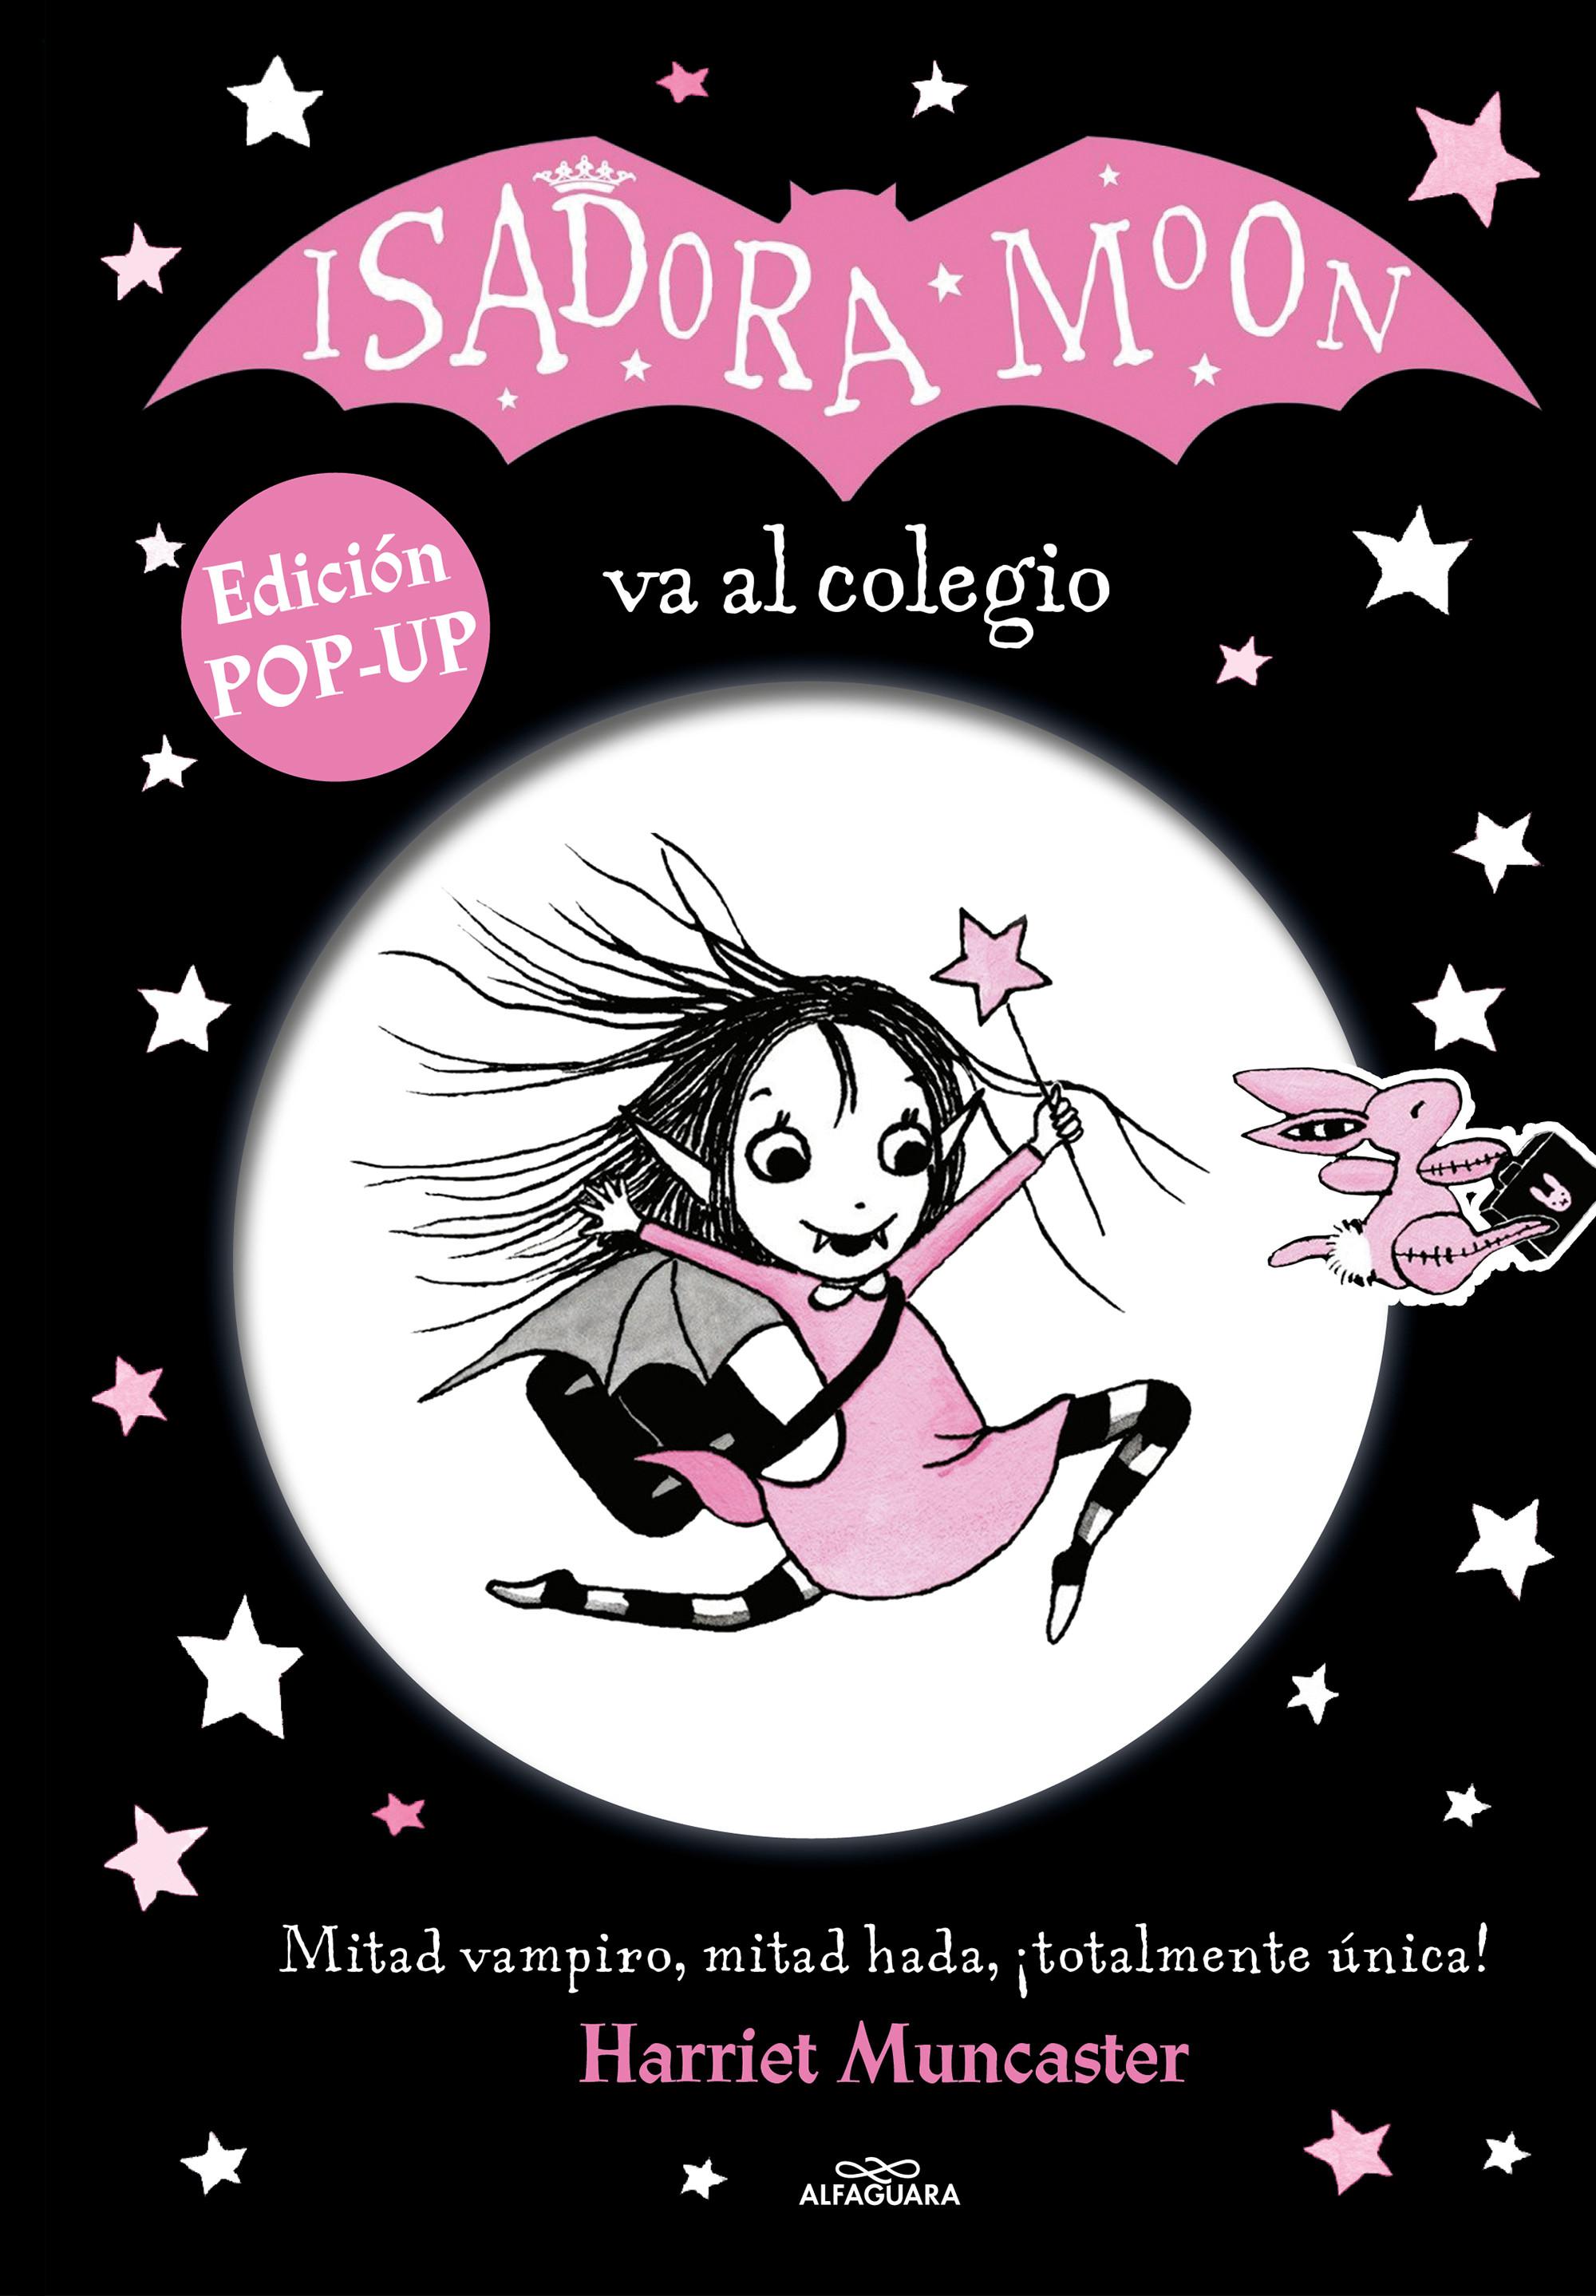 Isadora Moon va al colegio. Edición POP-UP